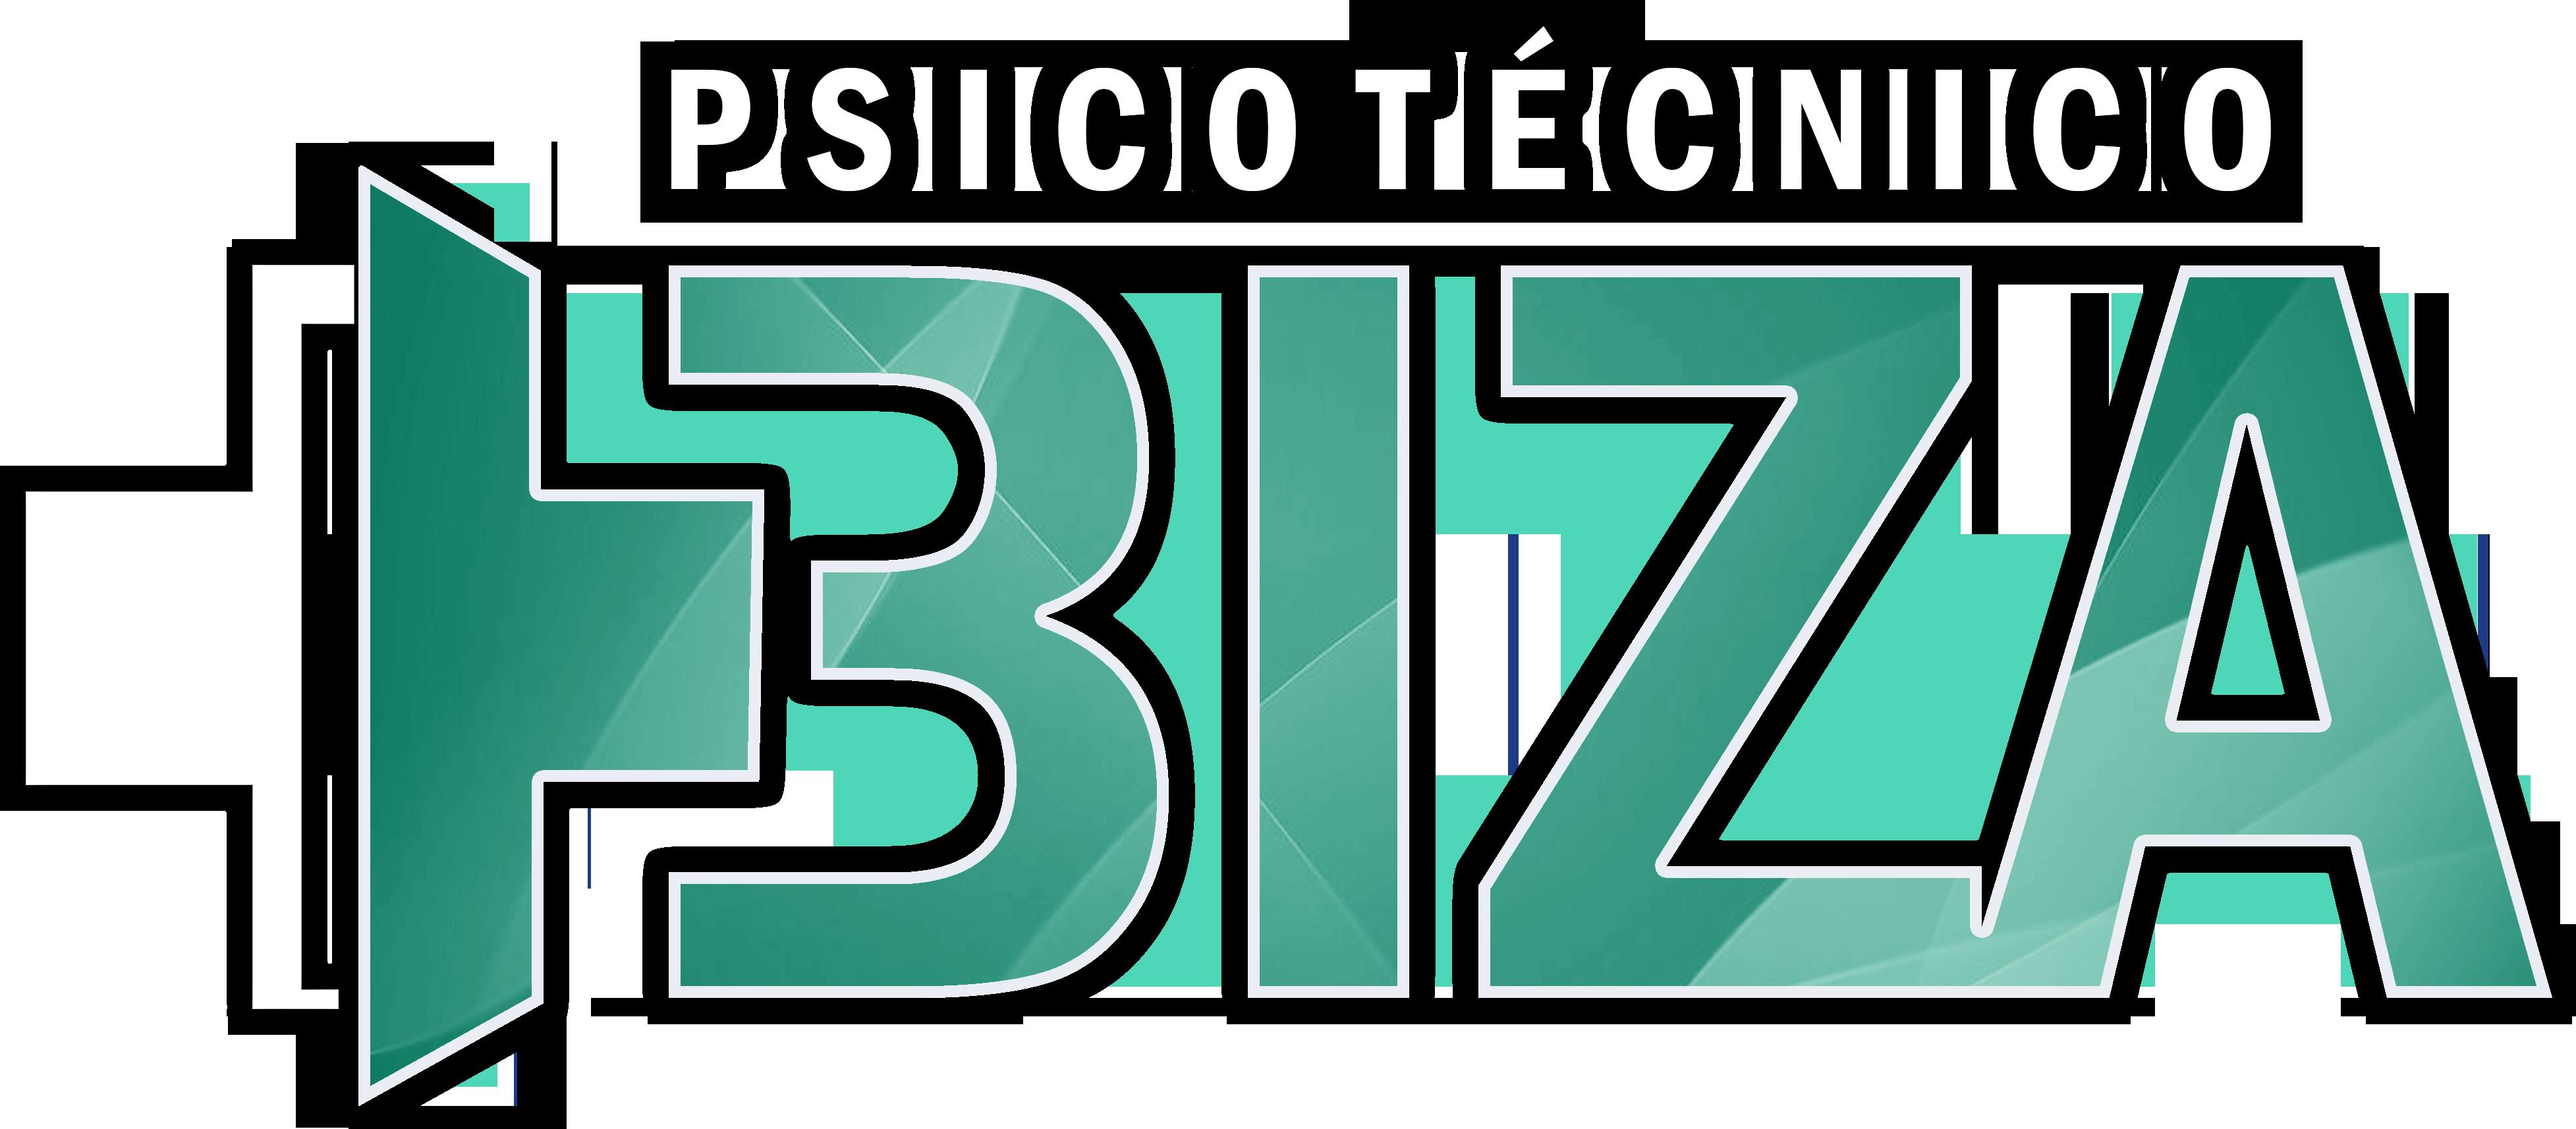 Logotipo - Versión verde